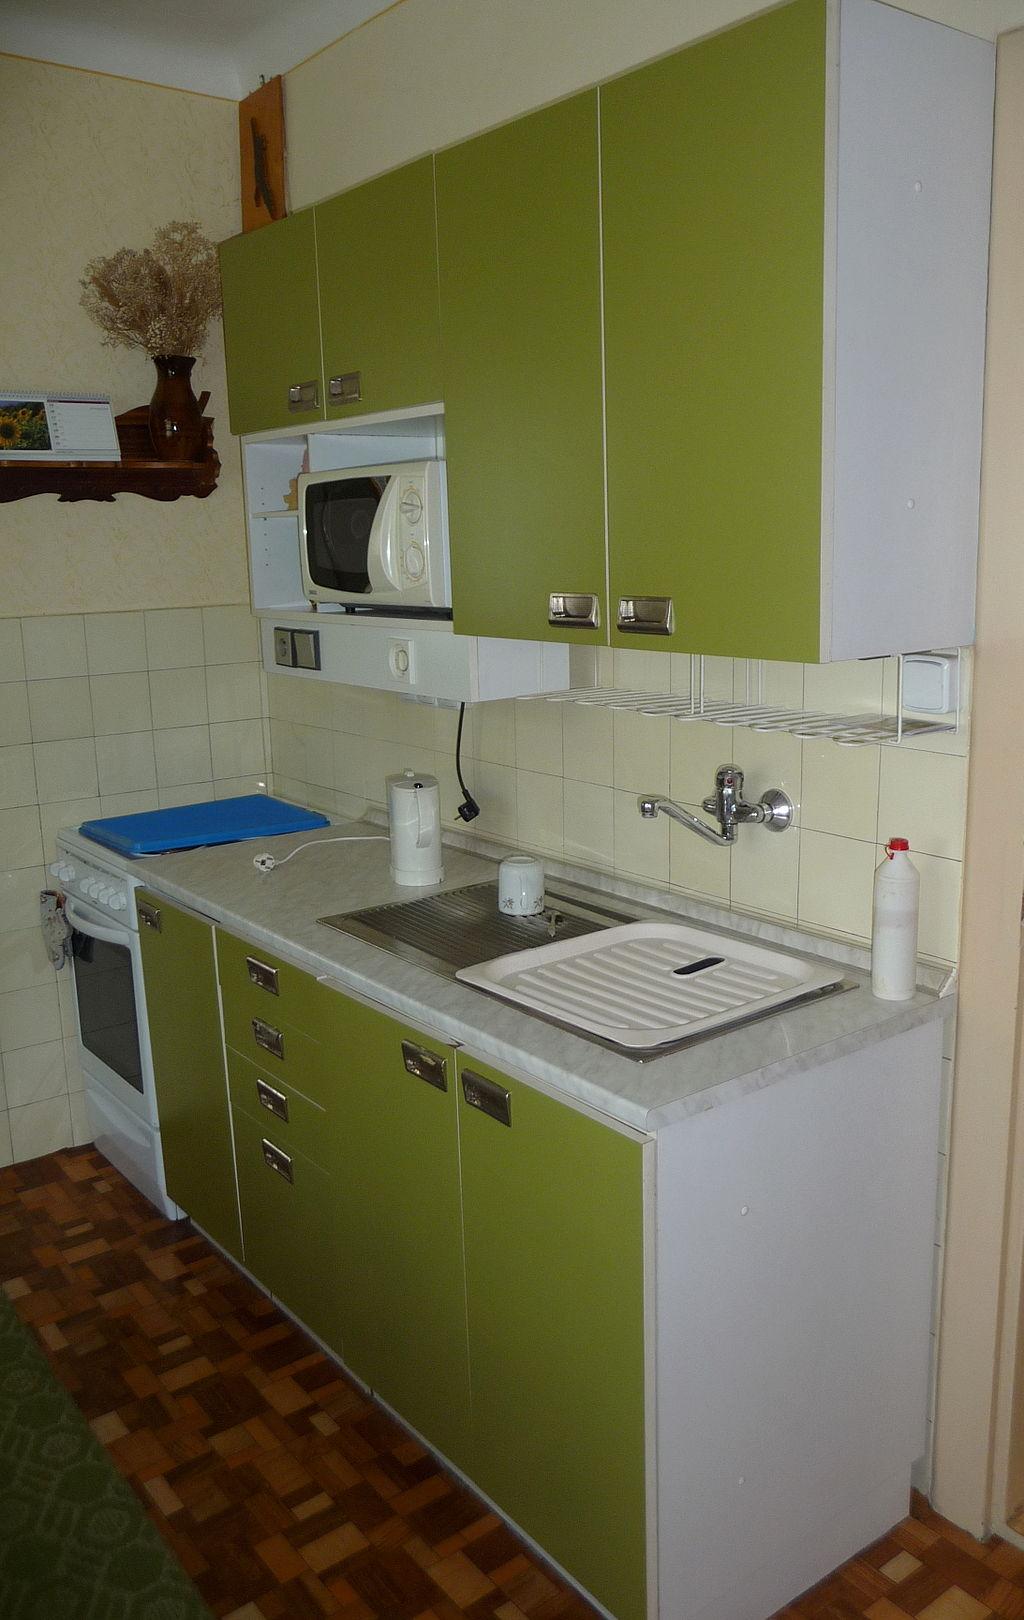 1024px-Green_kitchen_cabinet_(2)